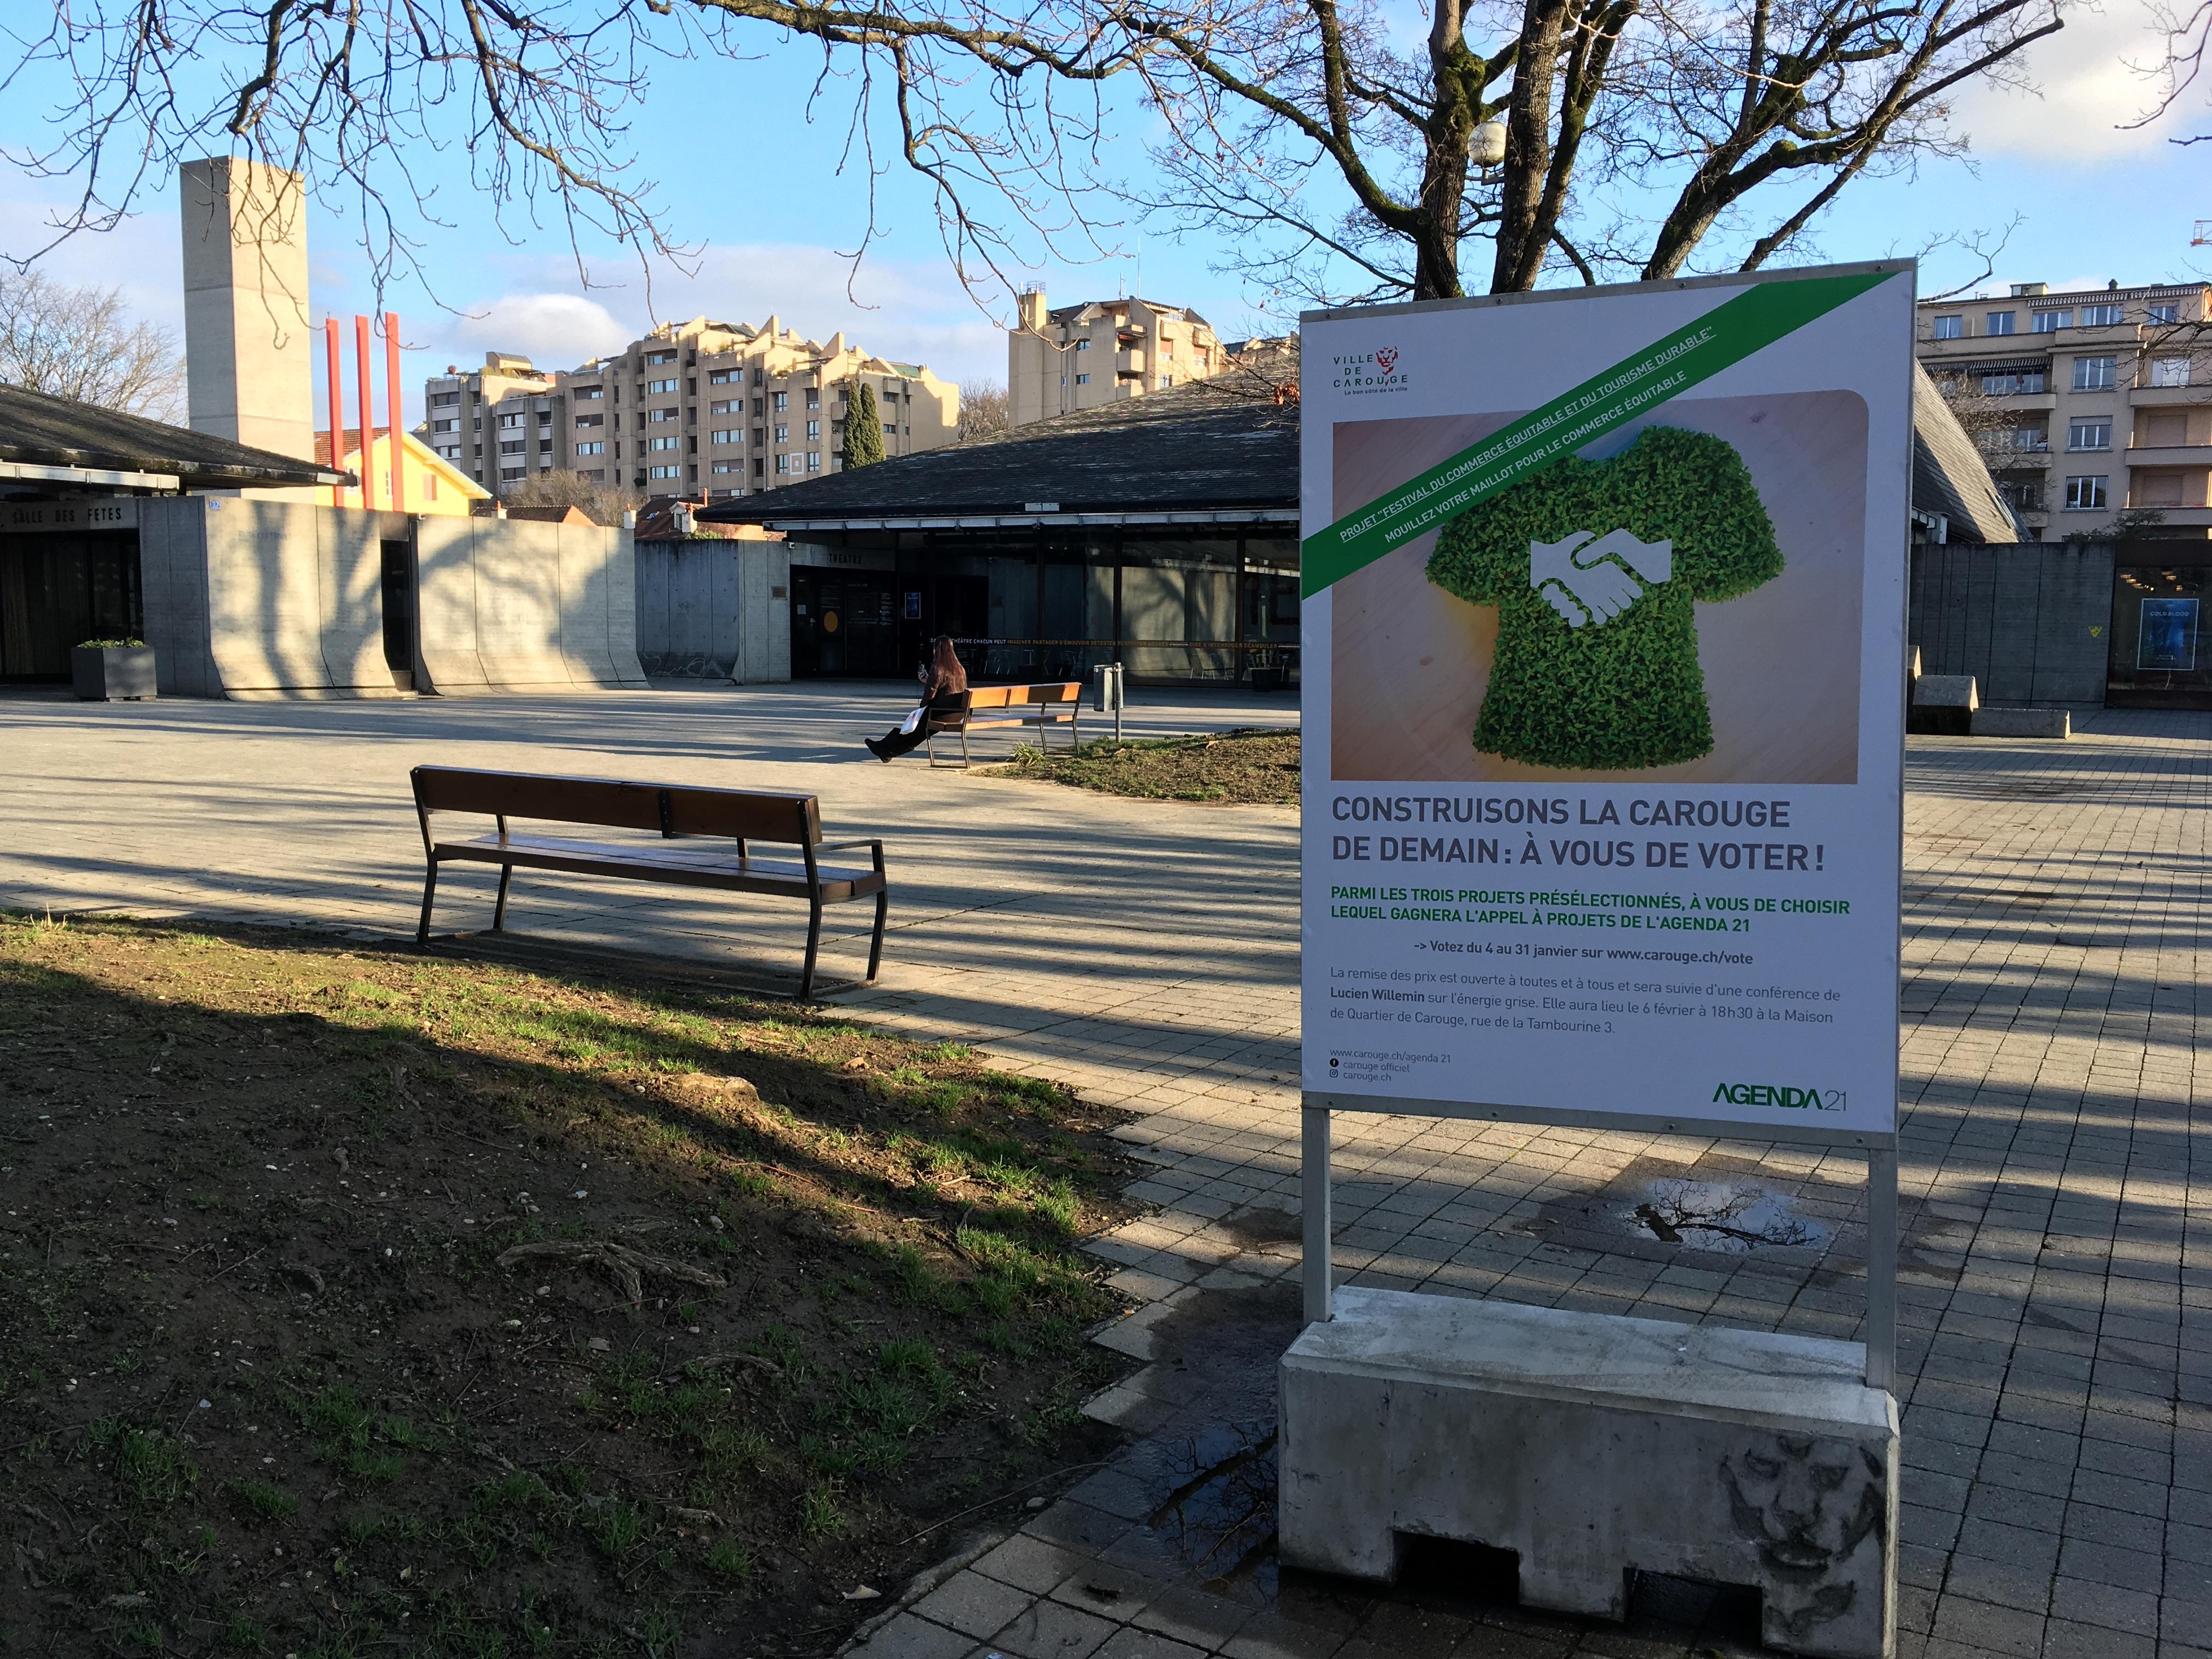 La commune de Carouge s'érige en laboratoire de la démocratie participative